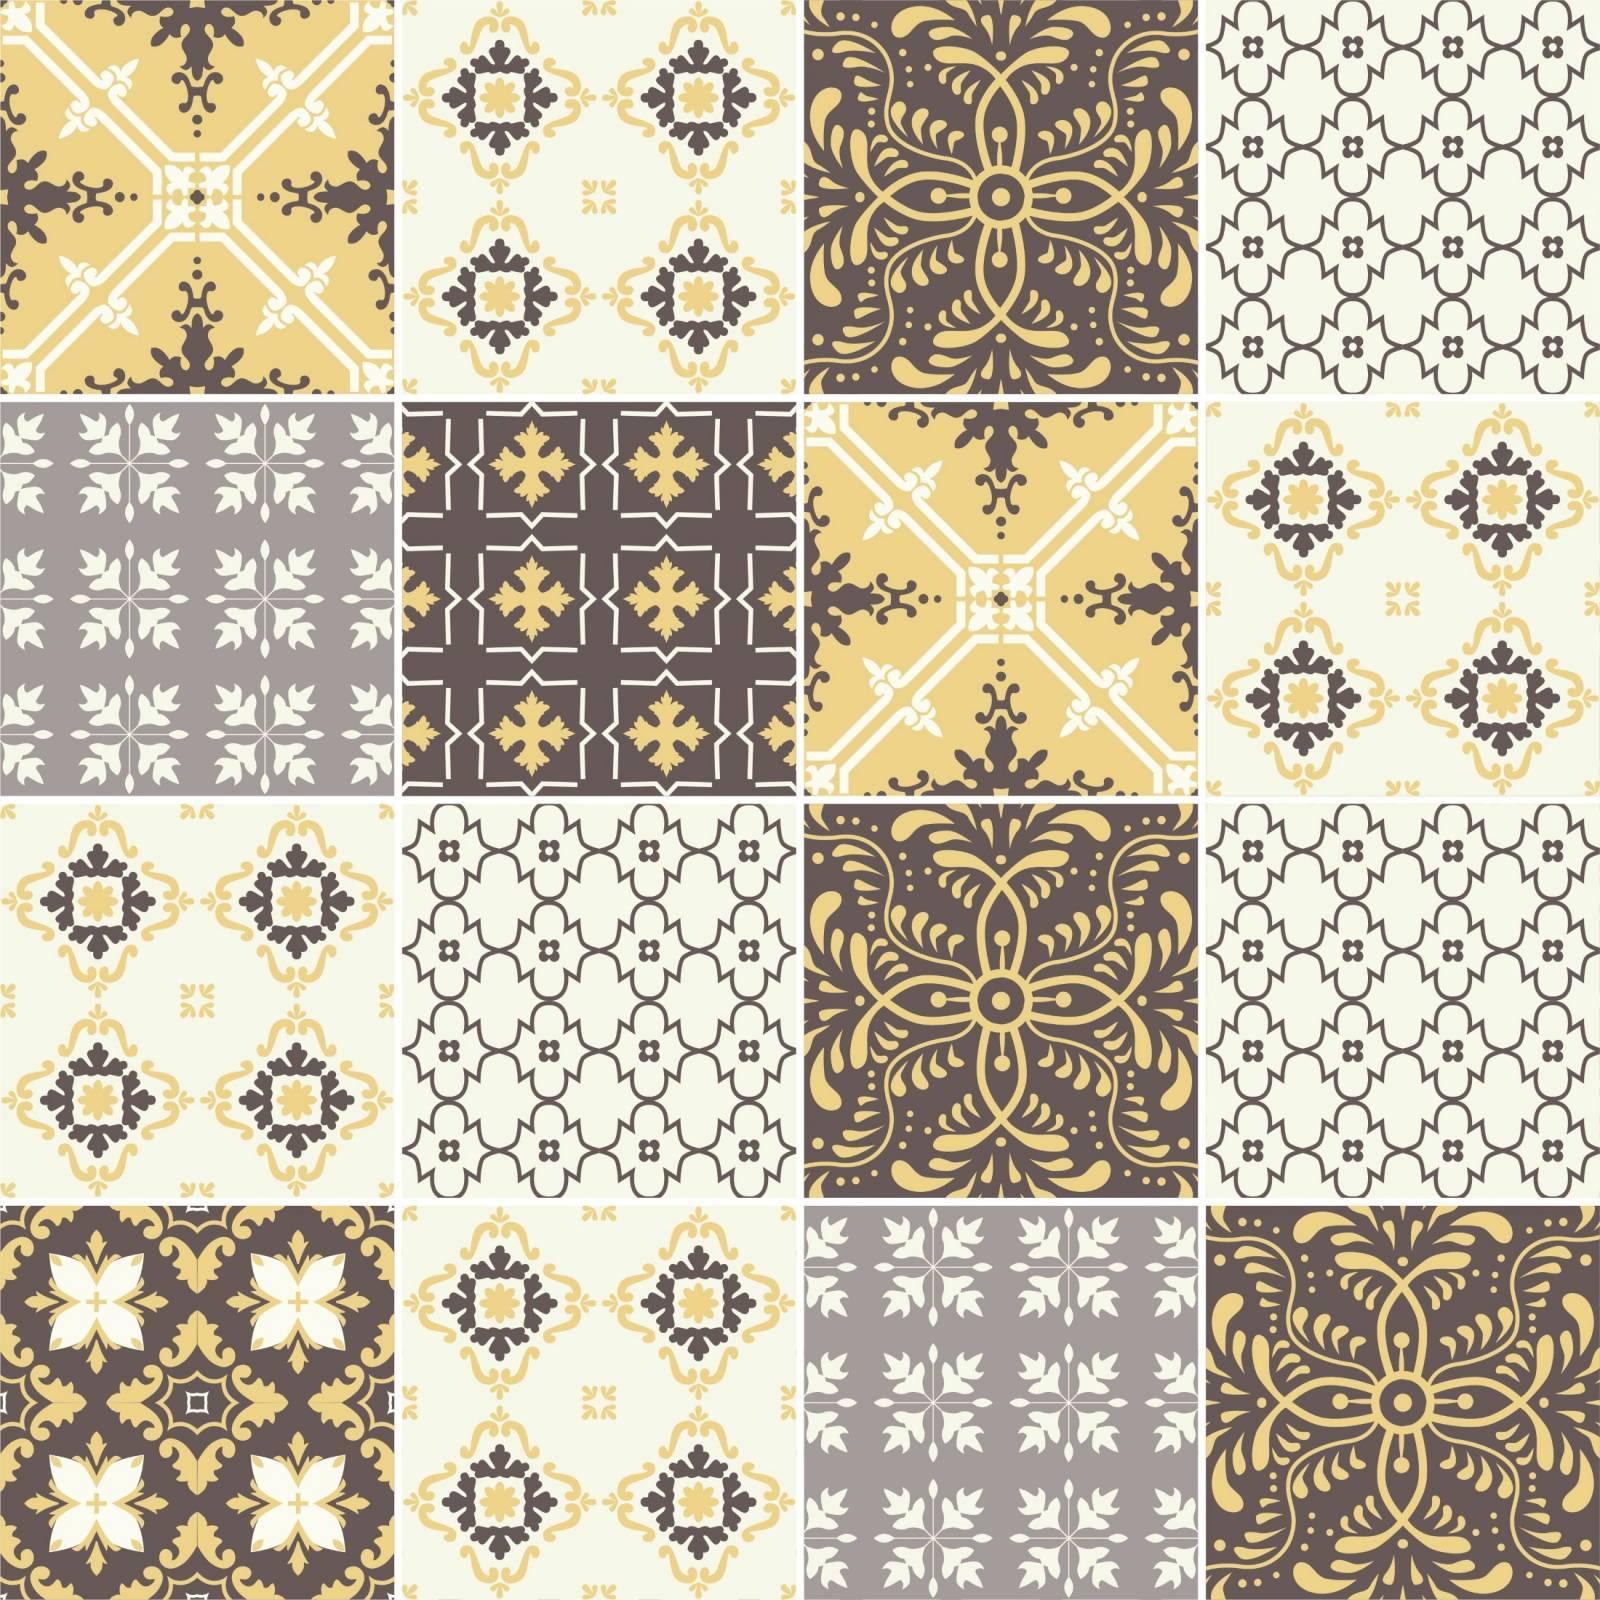 Adesivo para Azulejo Amarelo Cinza Redecorei #A88523 1600x1600 Banheiro Amarelo E Cinza